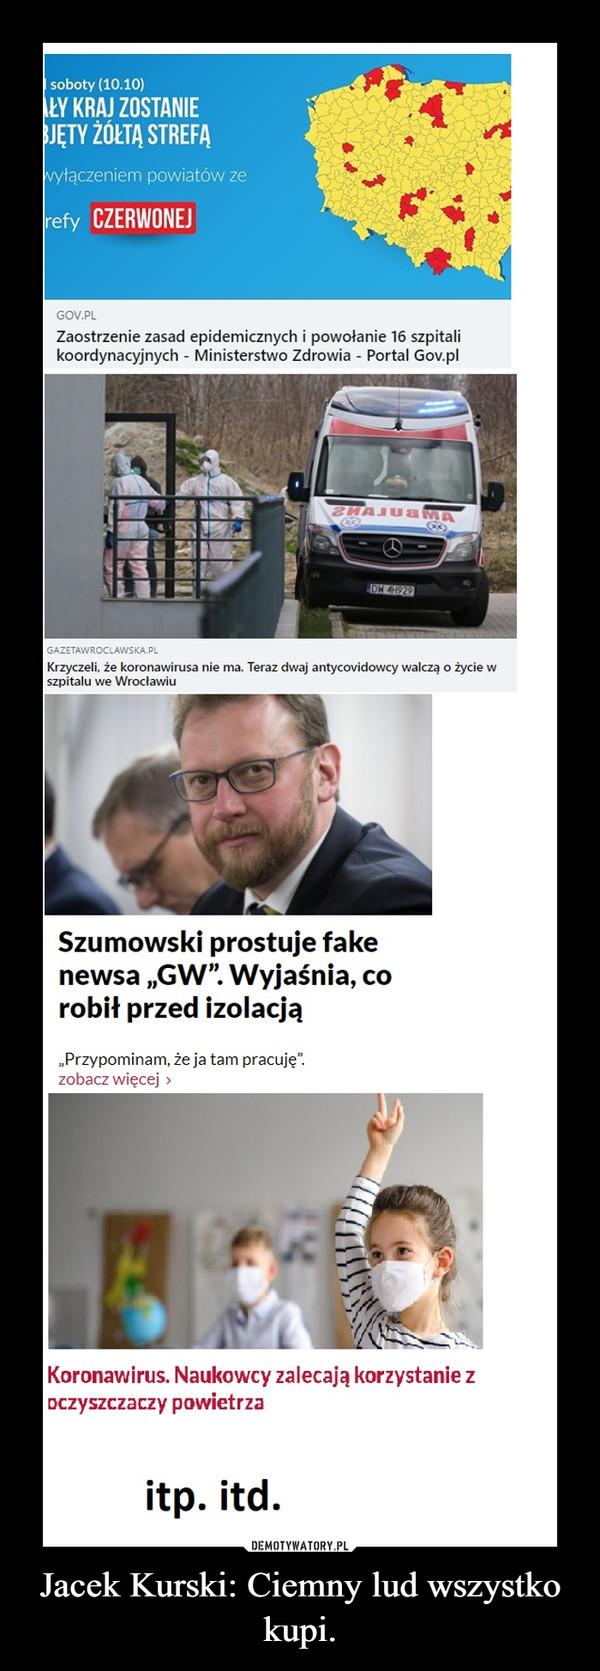 Jacek Kurski: Ciemny lud wszystko kupi. –